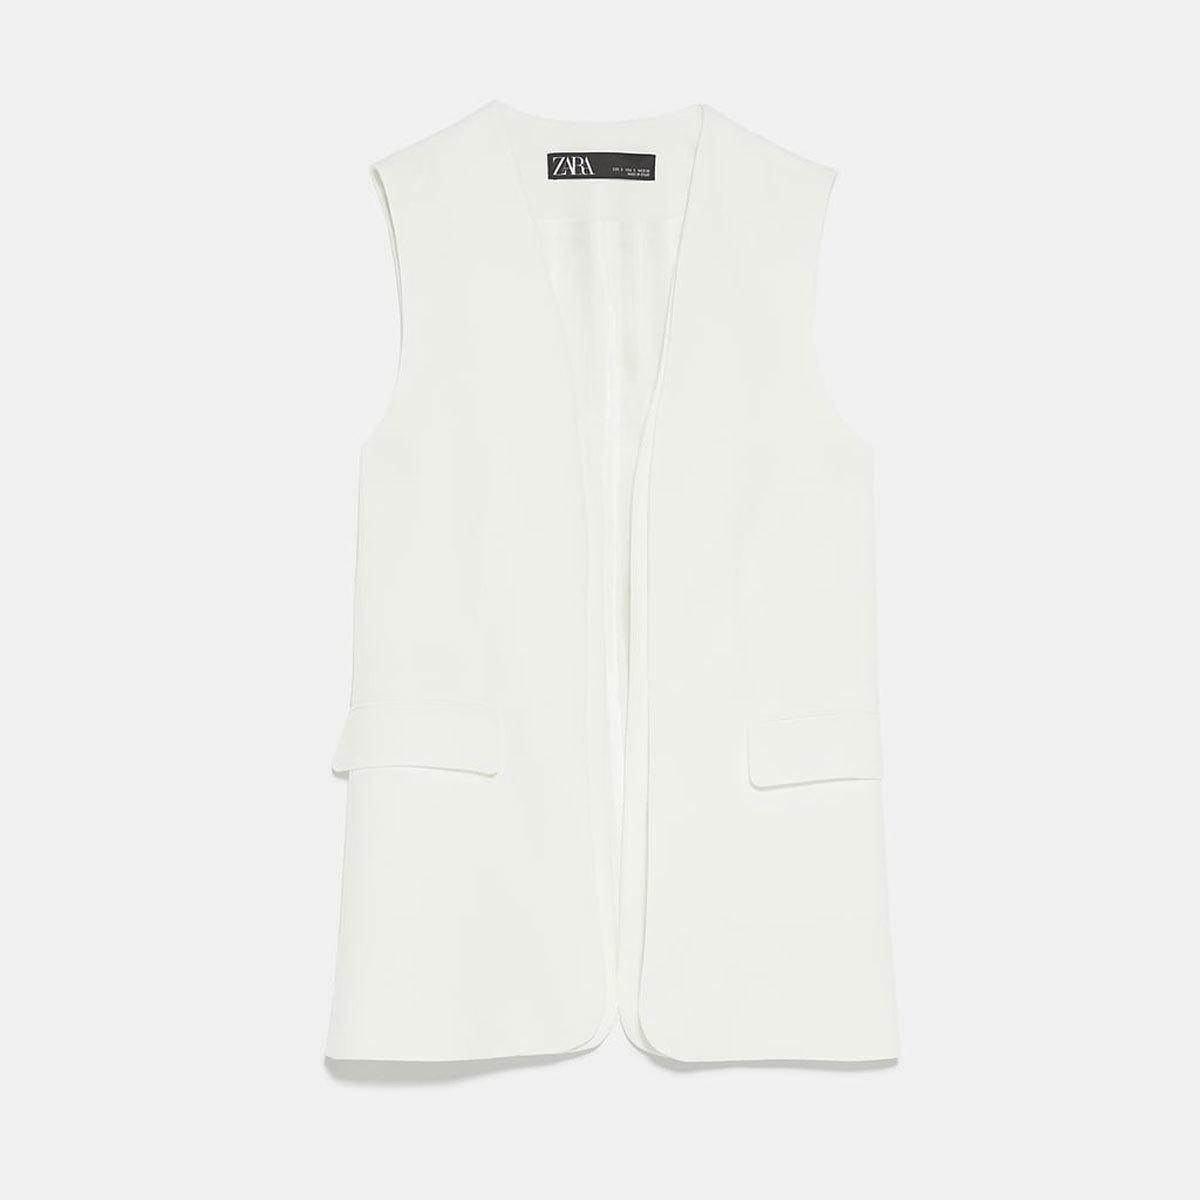 En versión chaleco, con bolsillos, de Zara (29,95 euros)